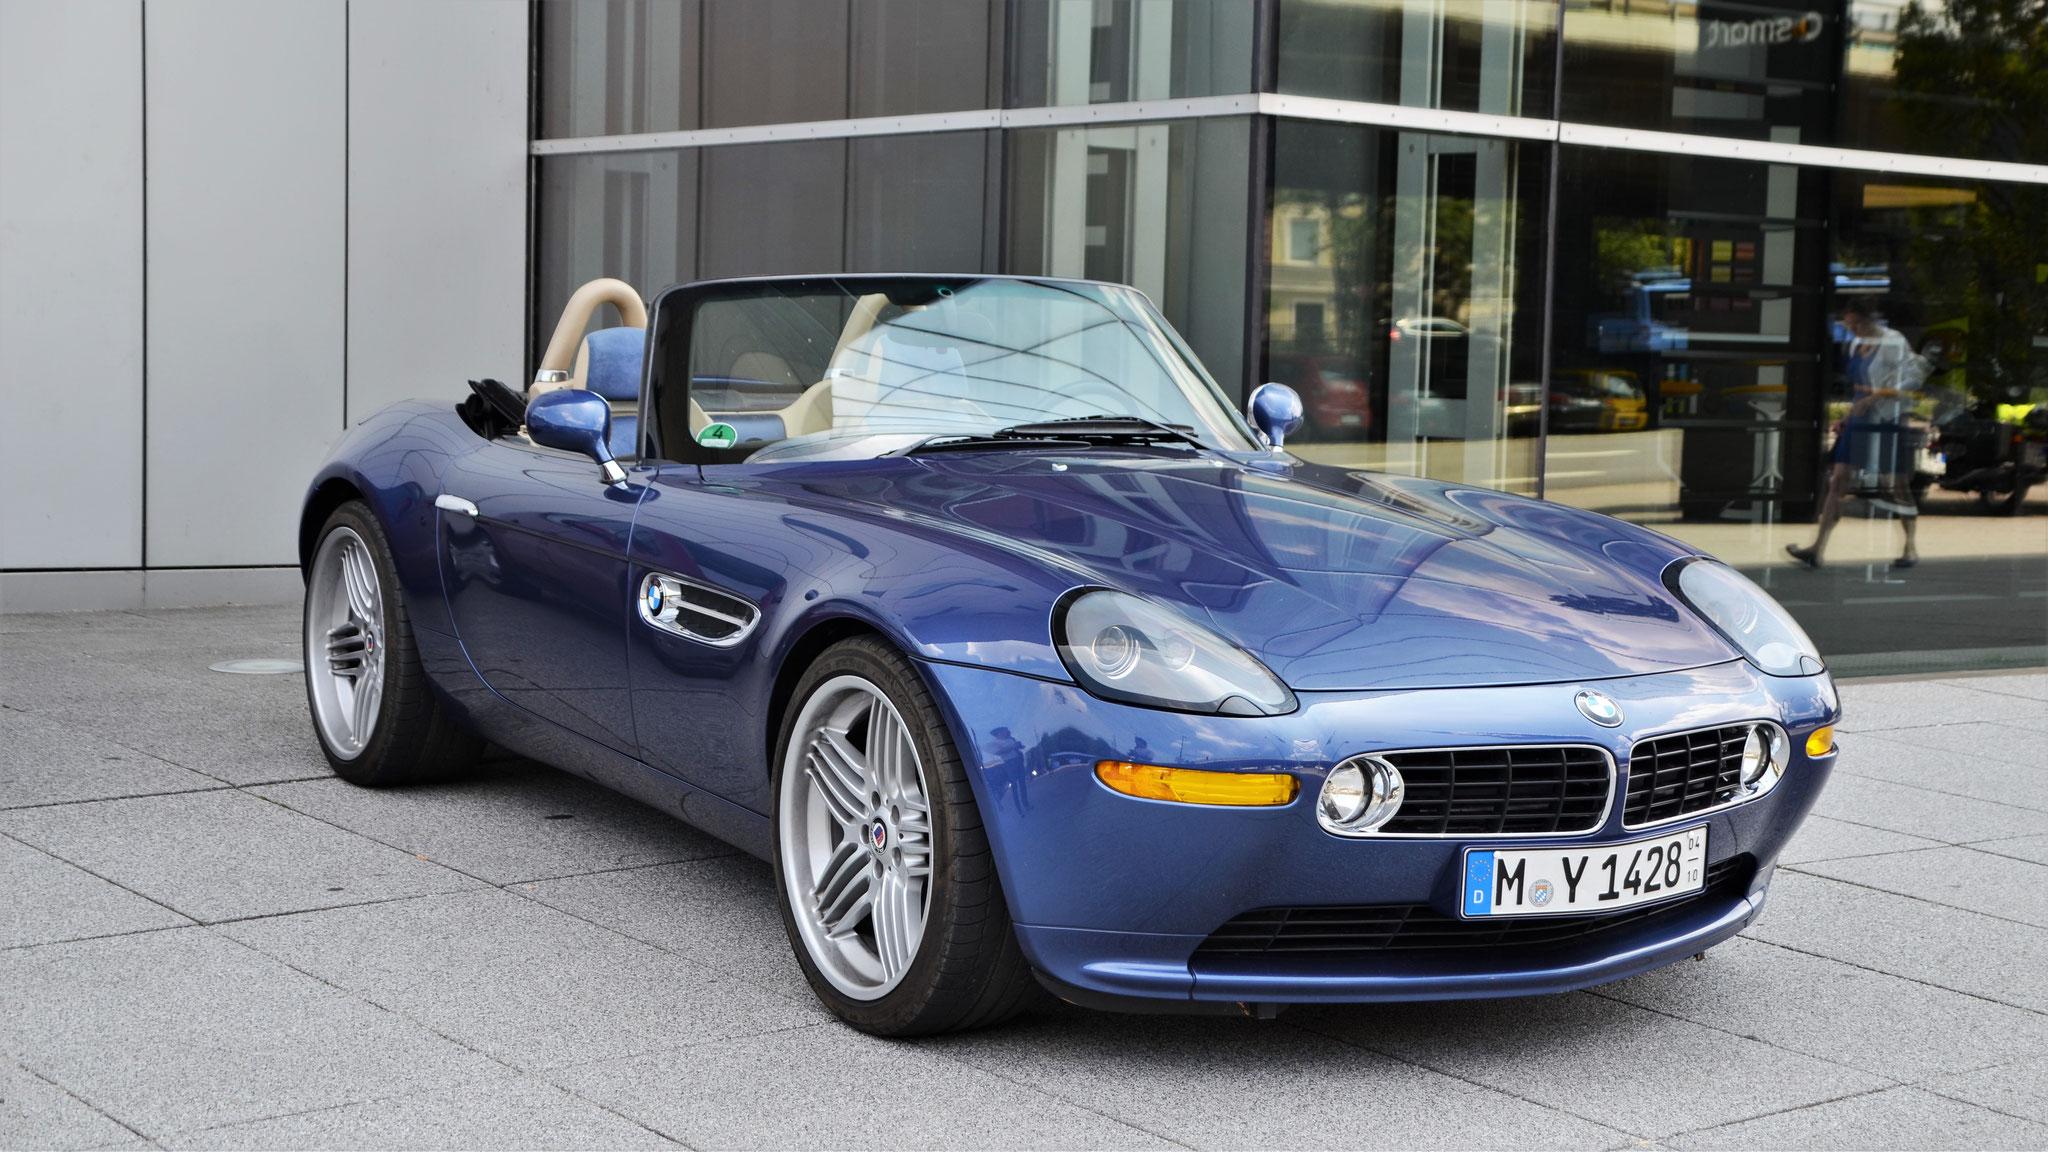 BMW Z8 - M-Y-1428